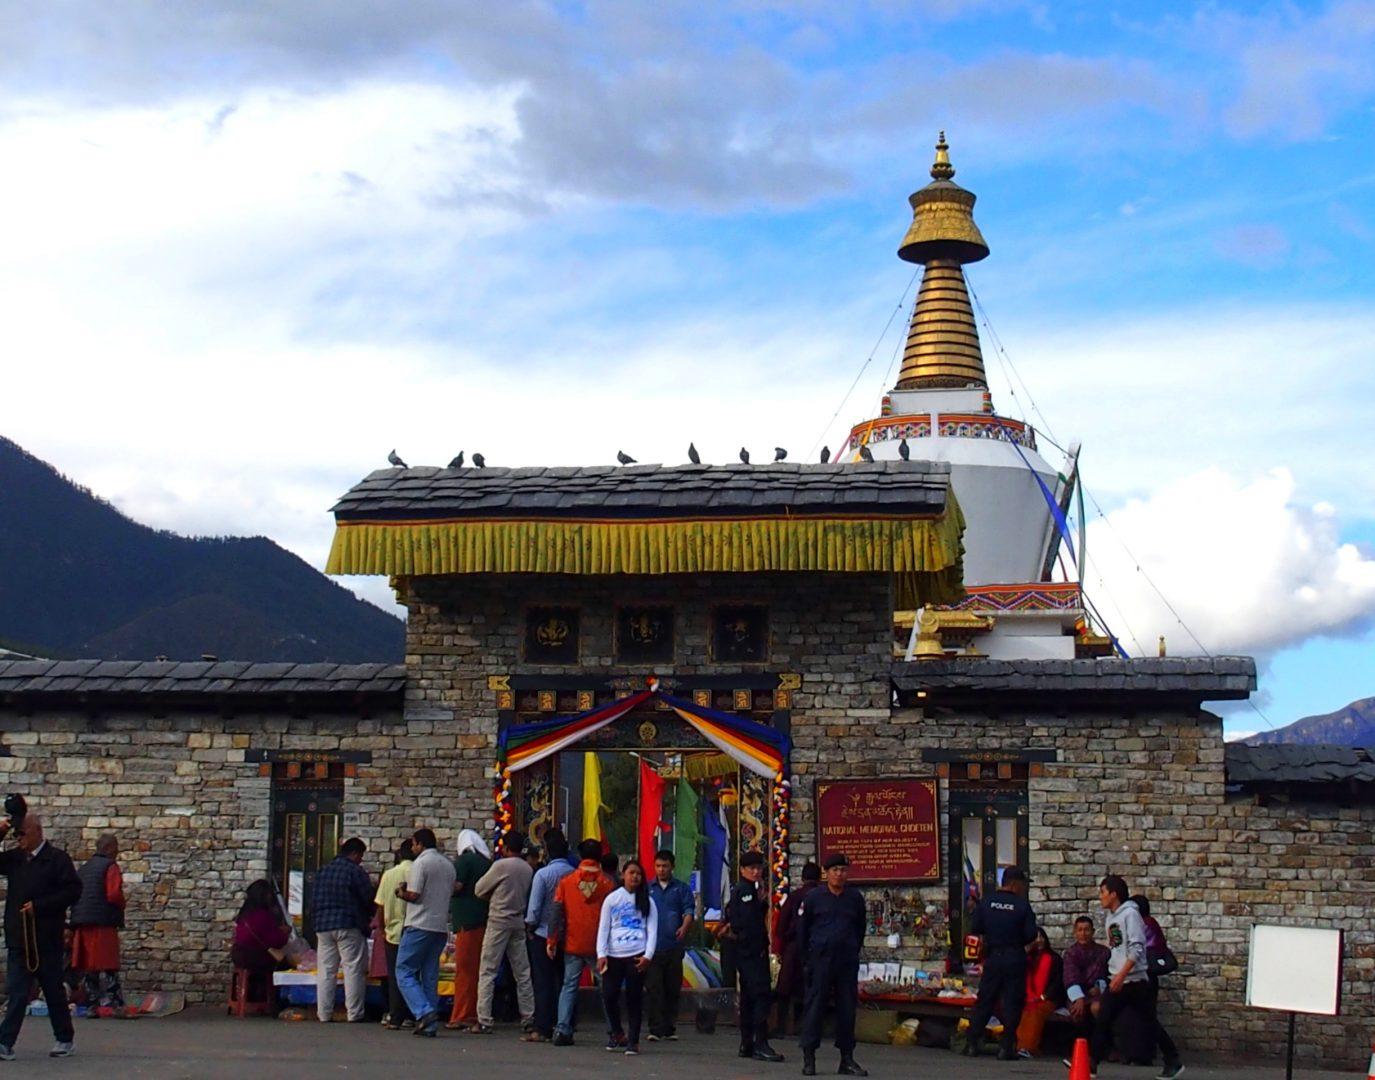 Entrée chorten Timphu 11 jours de voyage au Bhoutan